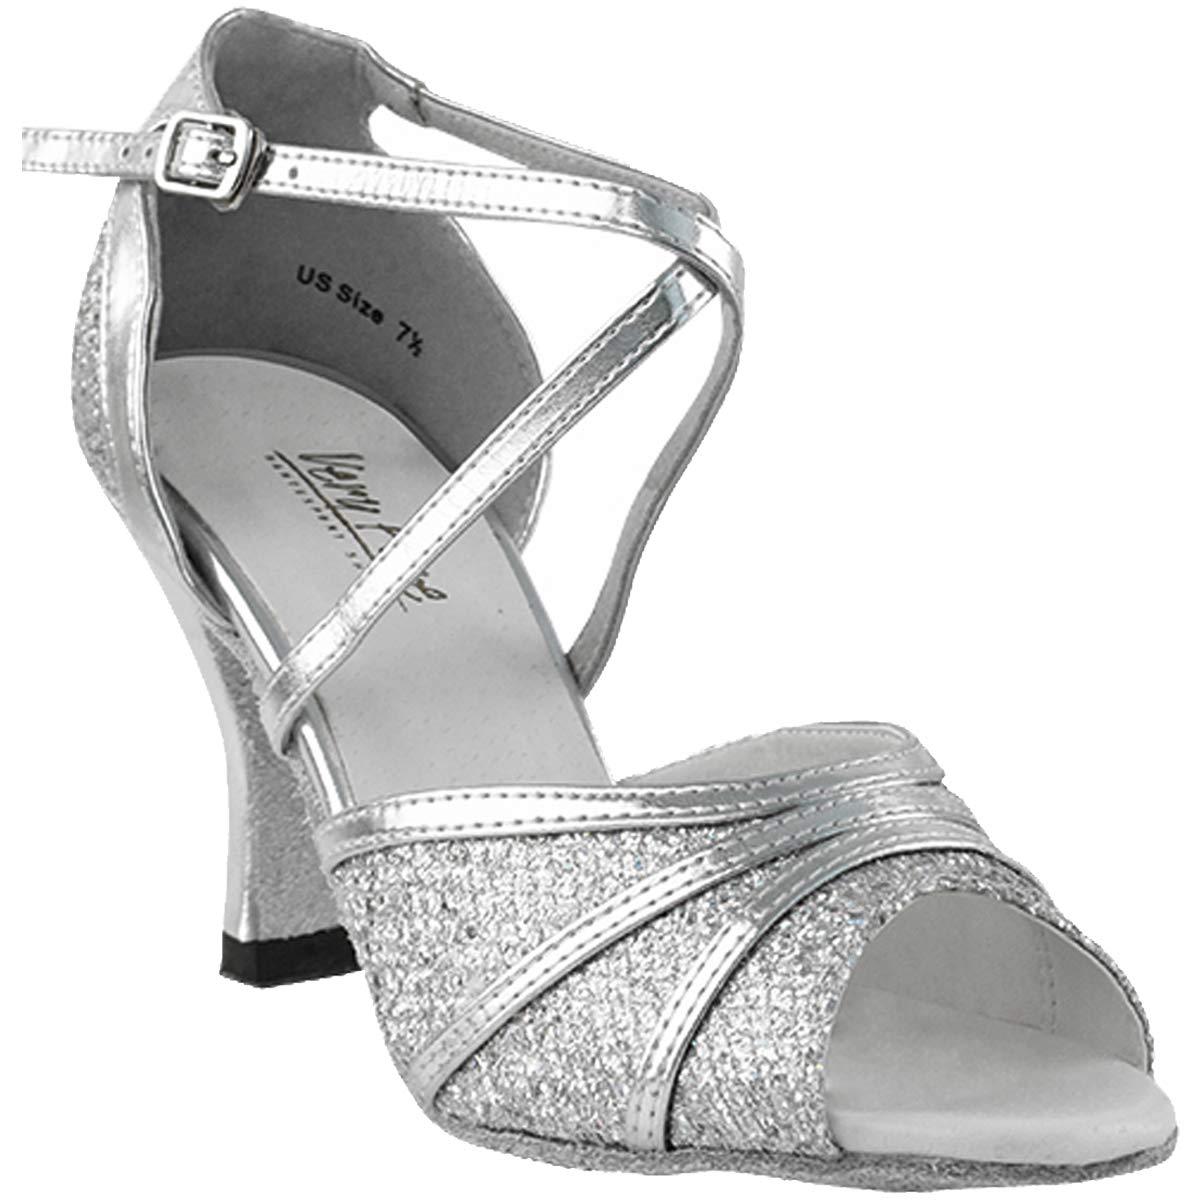 レディース社交ダンスシューズウェディングサルサタンゴ靴6023eb comfortable-very Fine 2.5